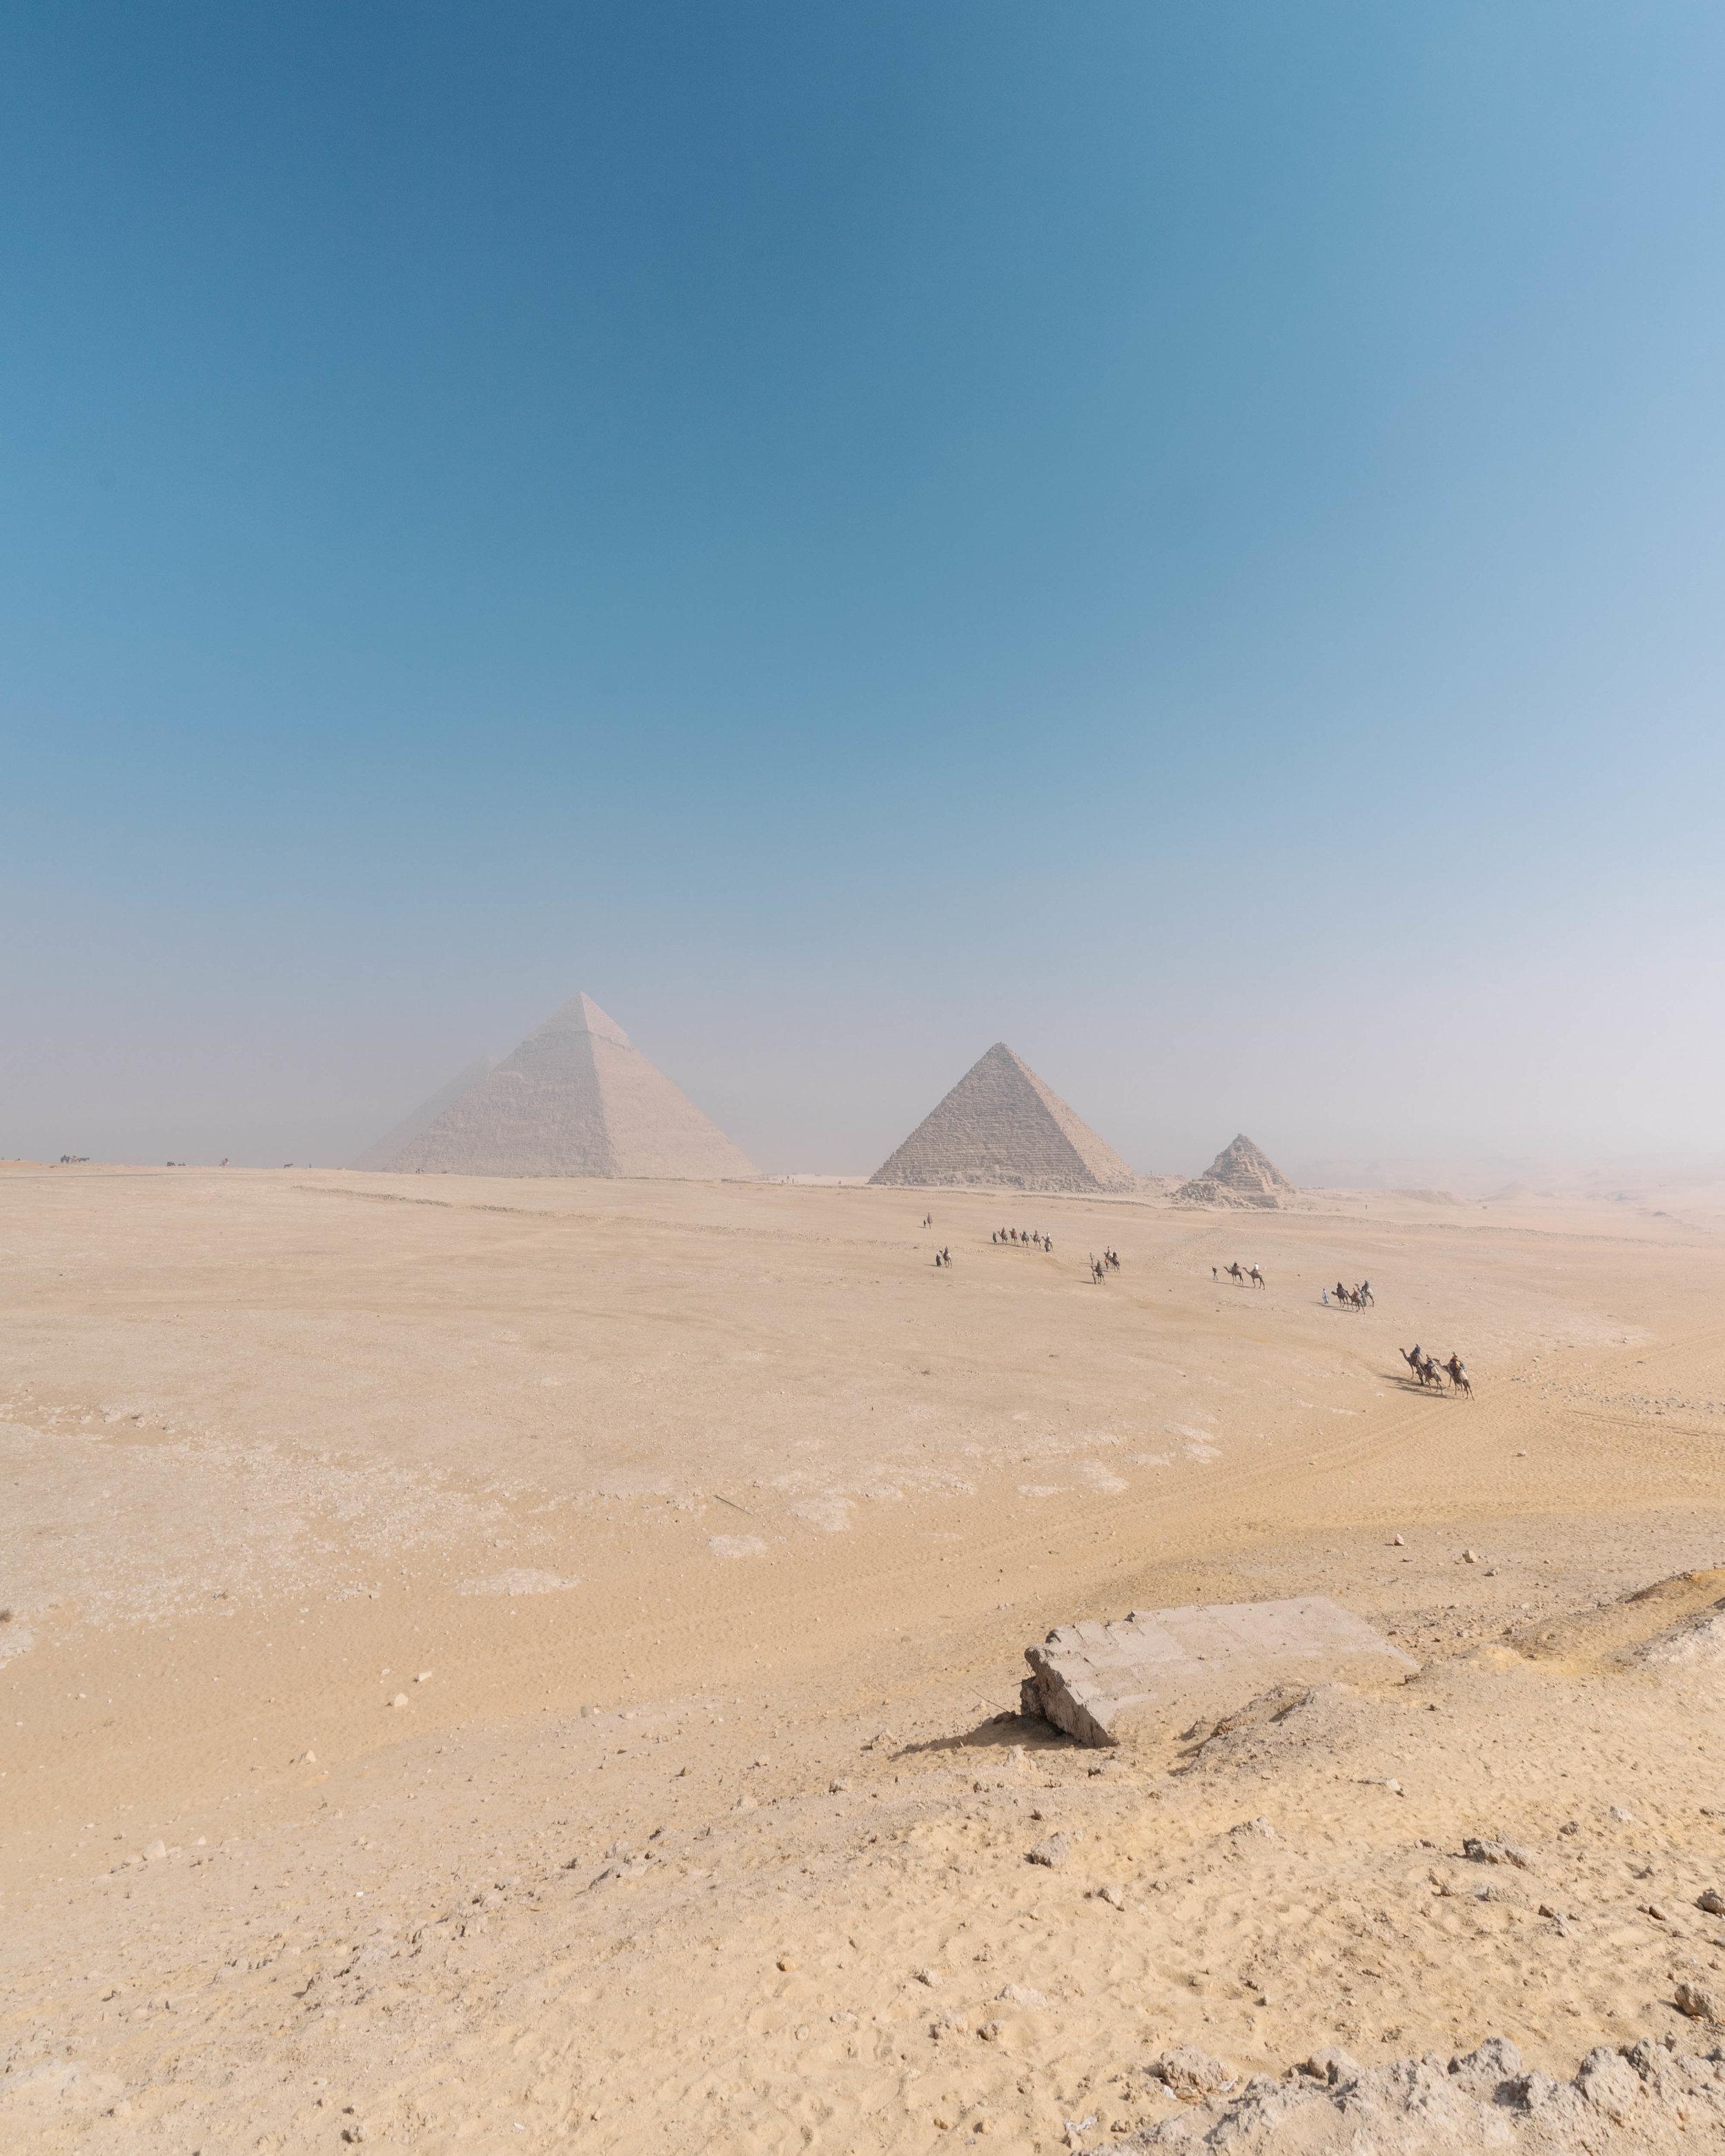 171203|EGYPT|PRE|3594.jpg